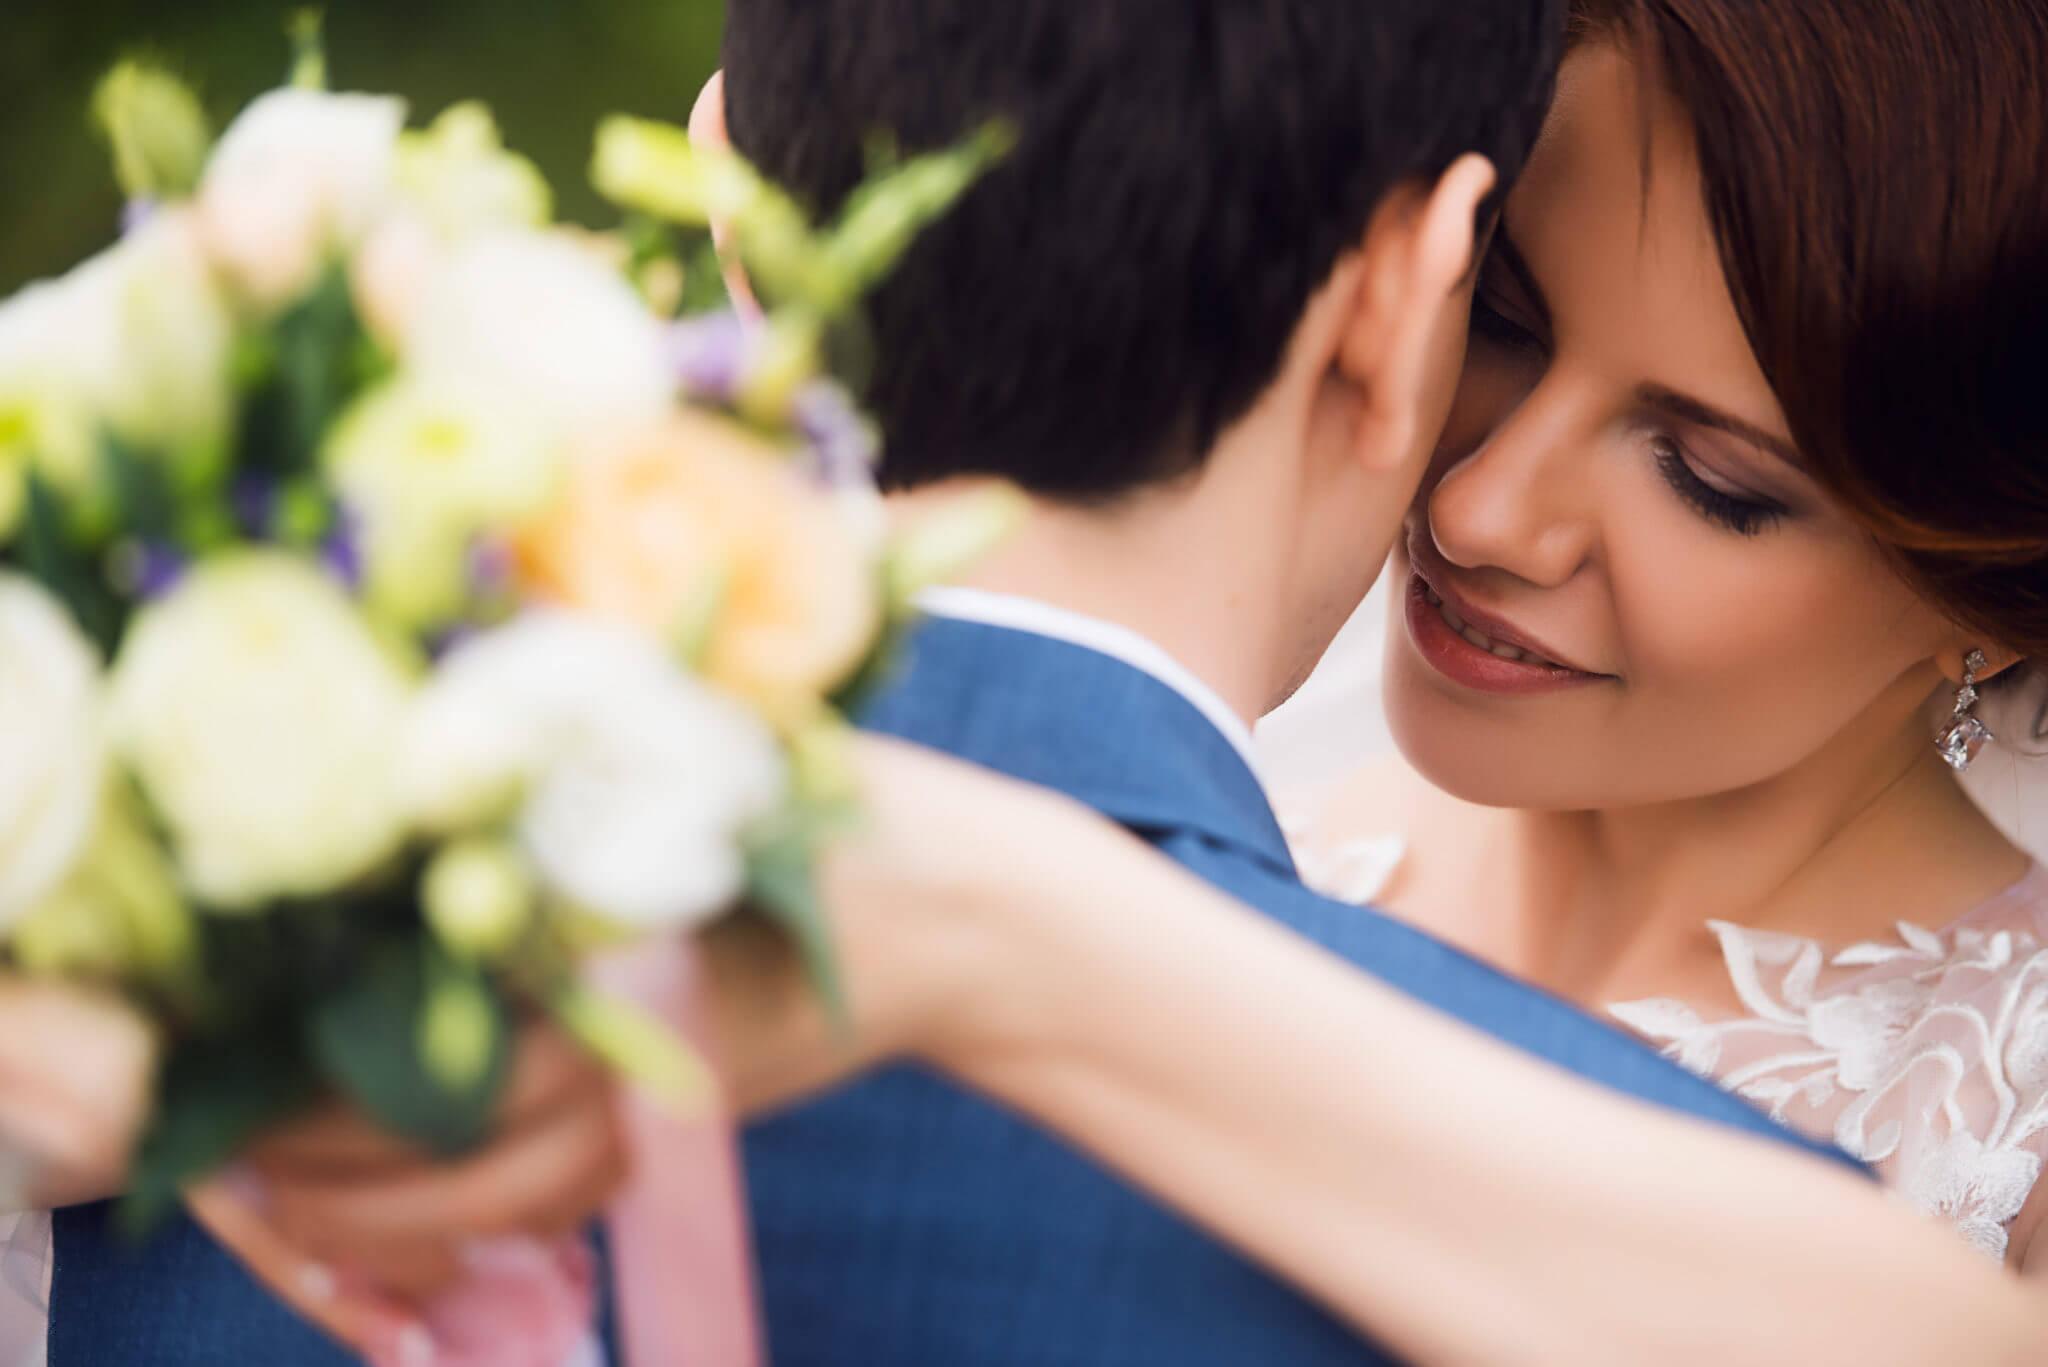 Свадебное портфолио, ph Черкасов, 2017 Шостка, потрет невесты